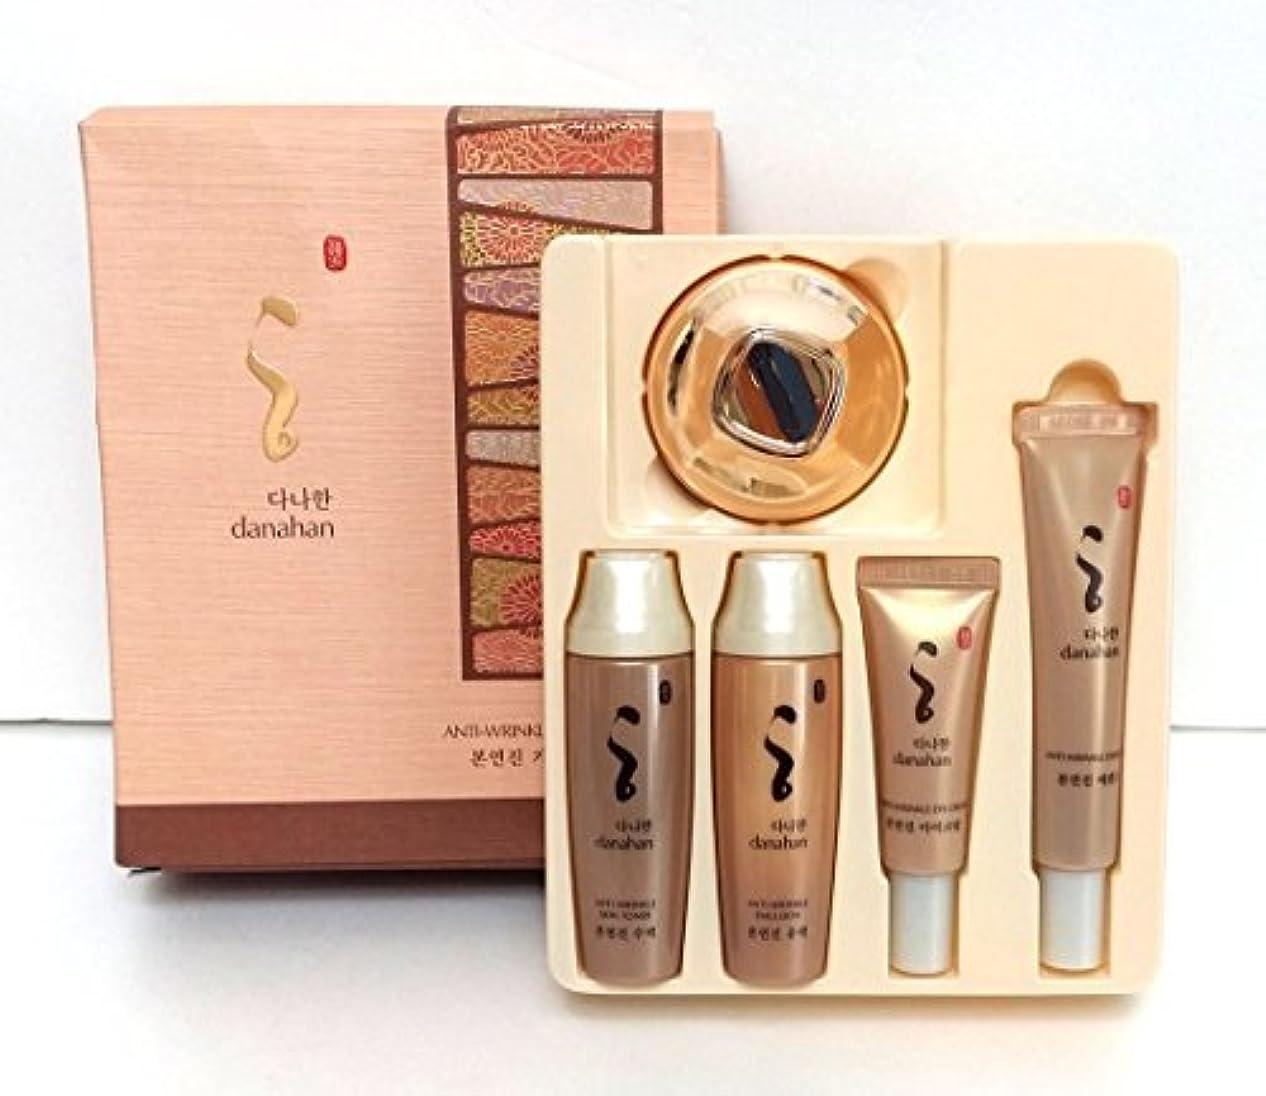 報いる同情口頭[DANAHAN] スキンケアギフトの5pcsセット / 水分/韓国化粧品/Bon yeon jin Skin Care Gift 5pcs Set/Moisture/Korean Cosmetics [並行輸入品]